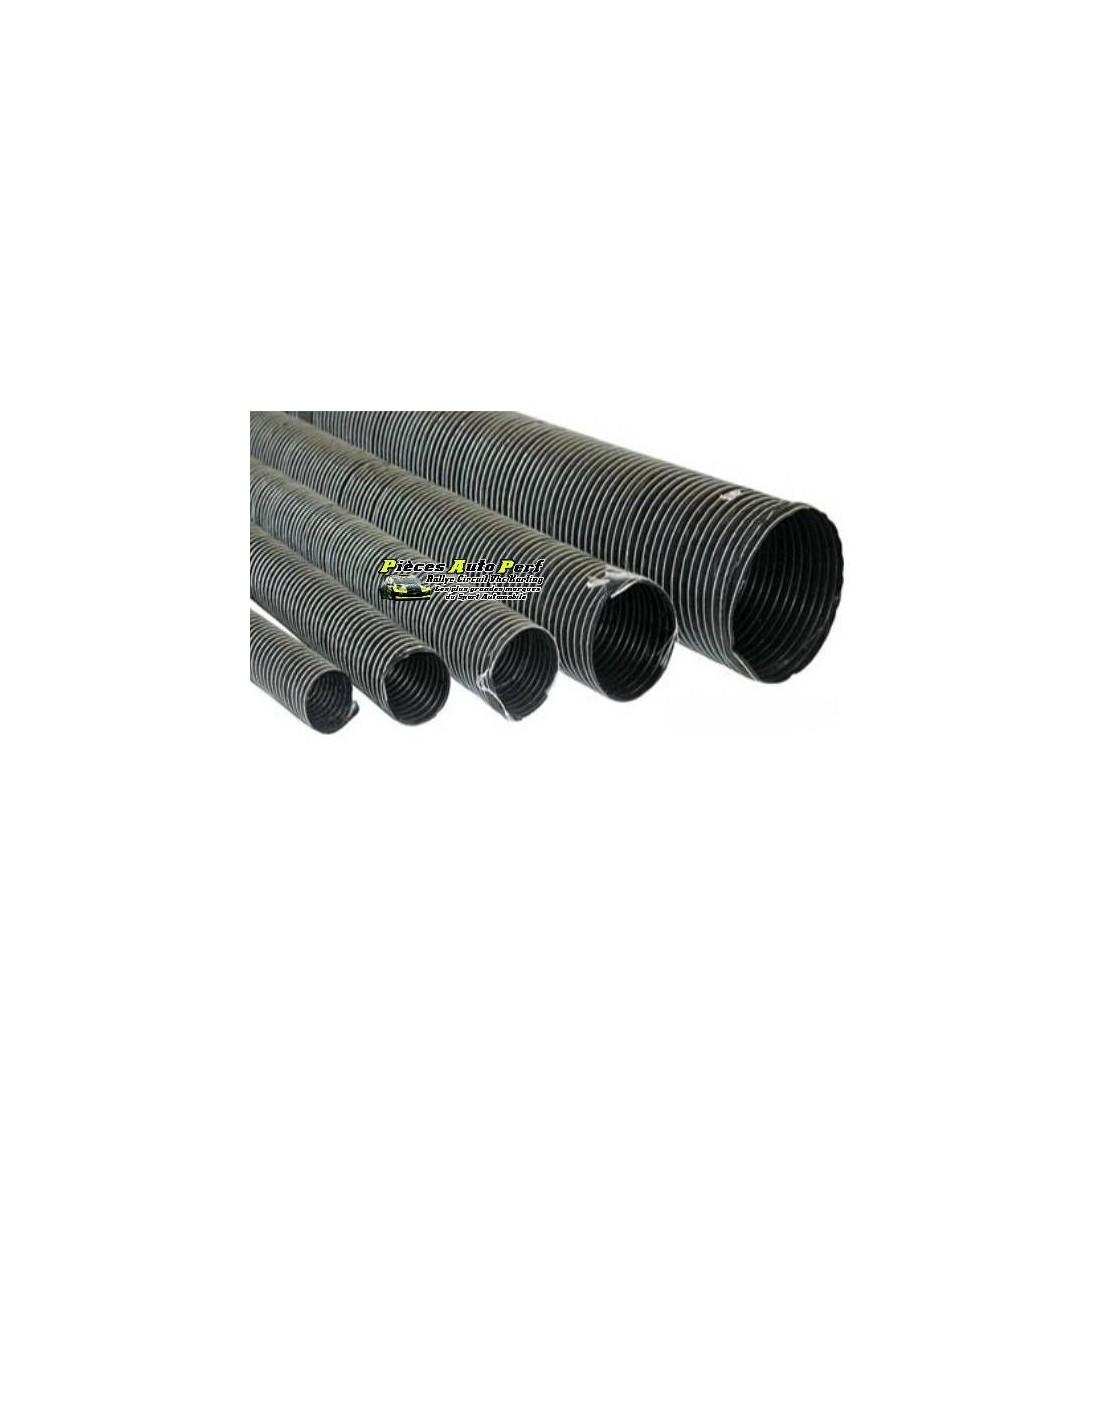 piecesautoperf.com/5264-thickbox_default/gaine-de-ventilation-neoprene-130-degres-couleur-noir-diametre-80mm